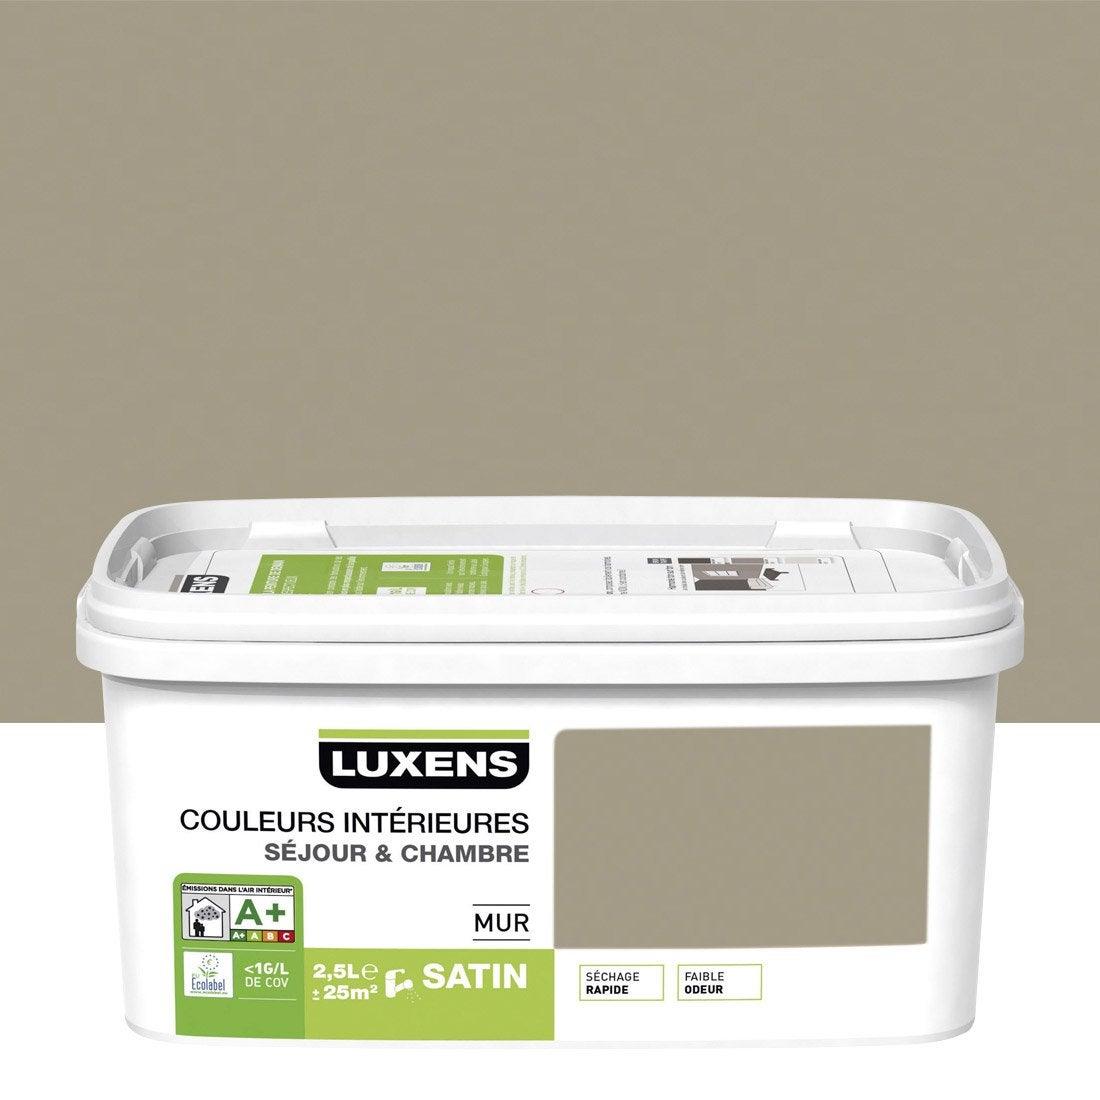 Peinture gris doré 5 satin LUXENS Couleurs intérieures 2.5 l | Leroy ...